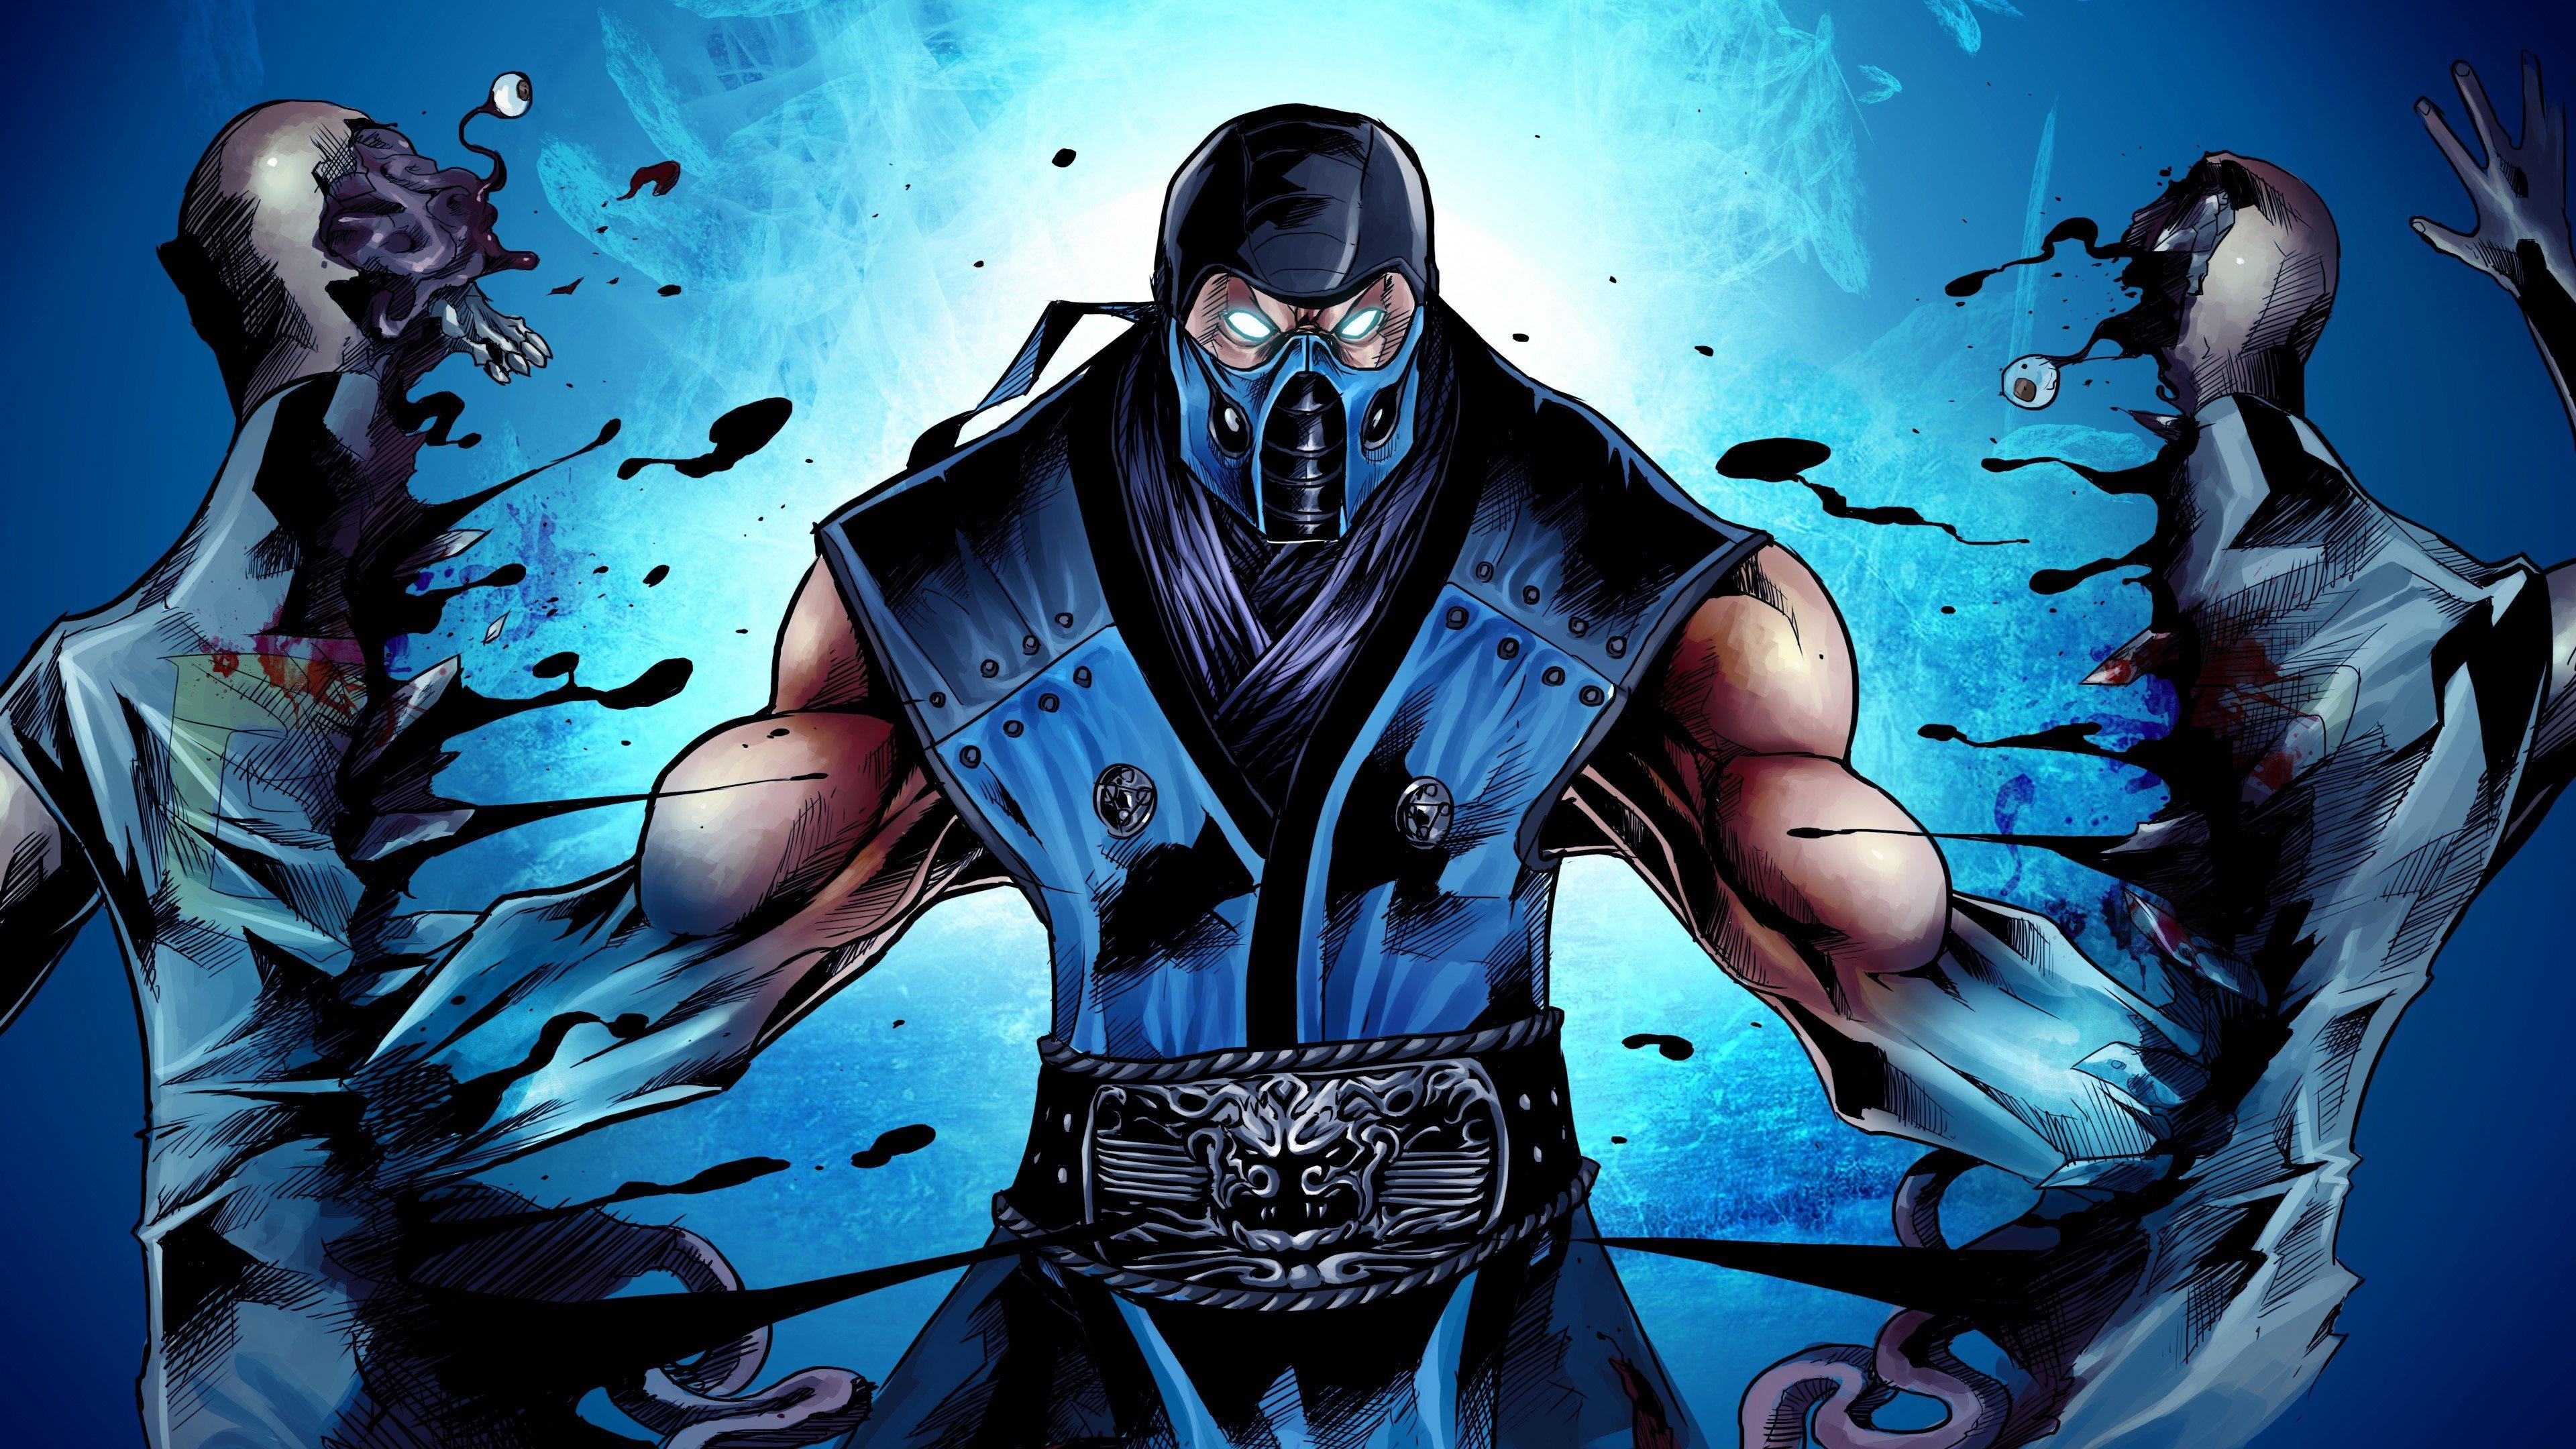 Fondos de pantalla Ninja del juego Mortal Kombat